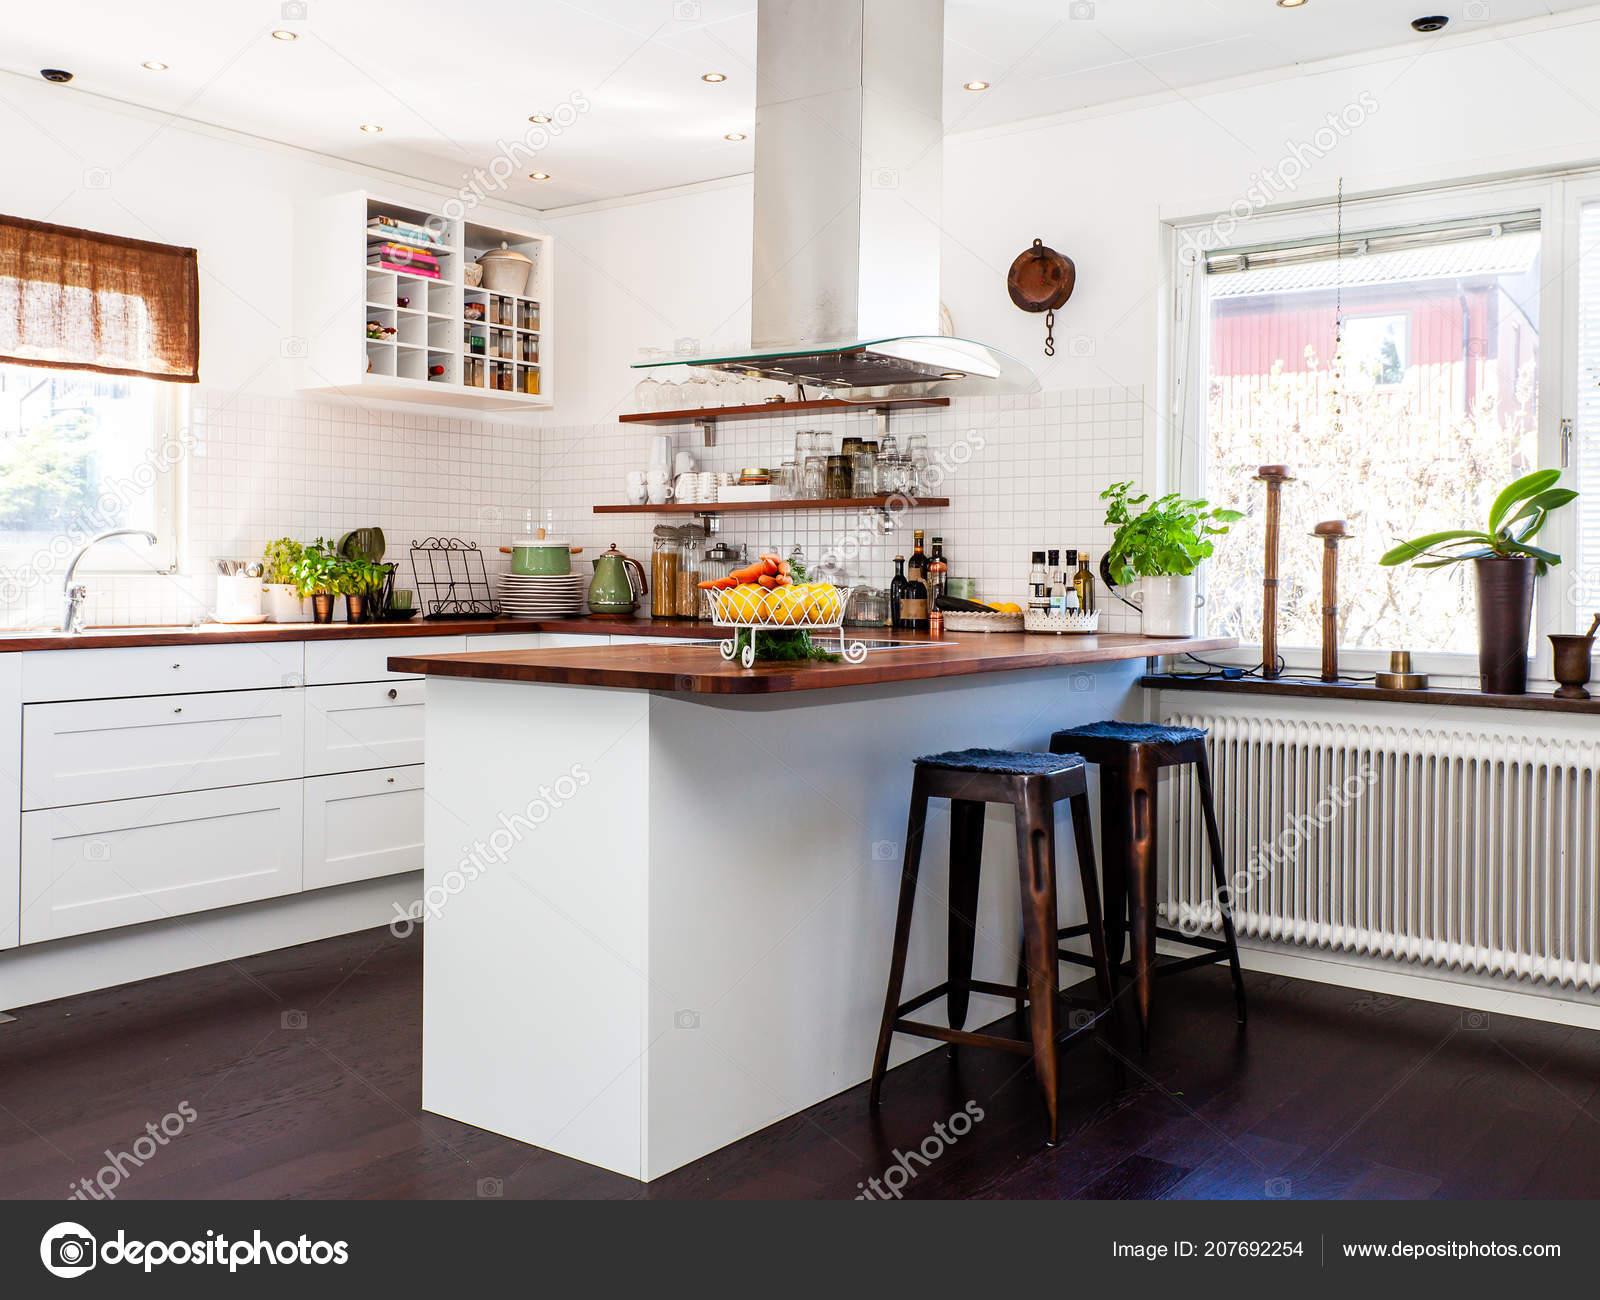 Fantazyjne Kuchnia Ciemna Podłoga Białe Szafki Drewniane